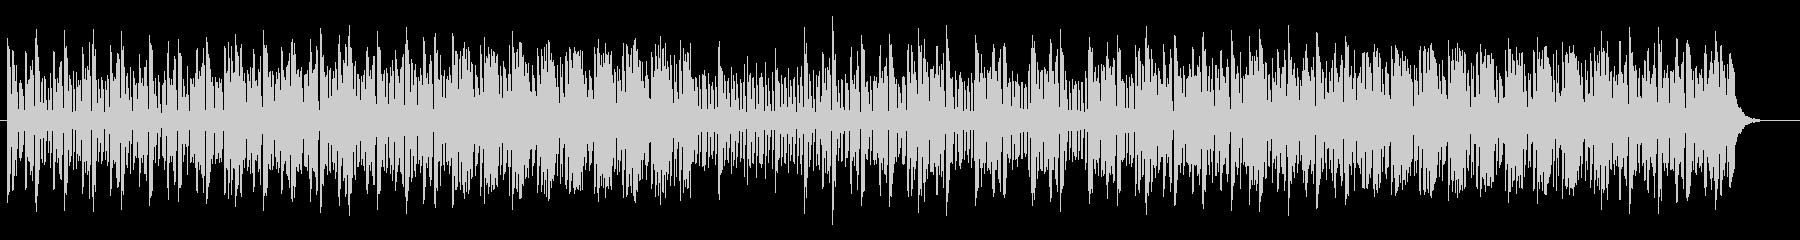 アップテンポのエレクトロポップスの未再生の波形